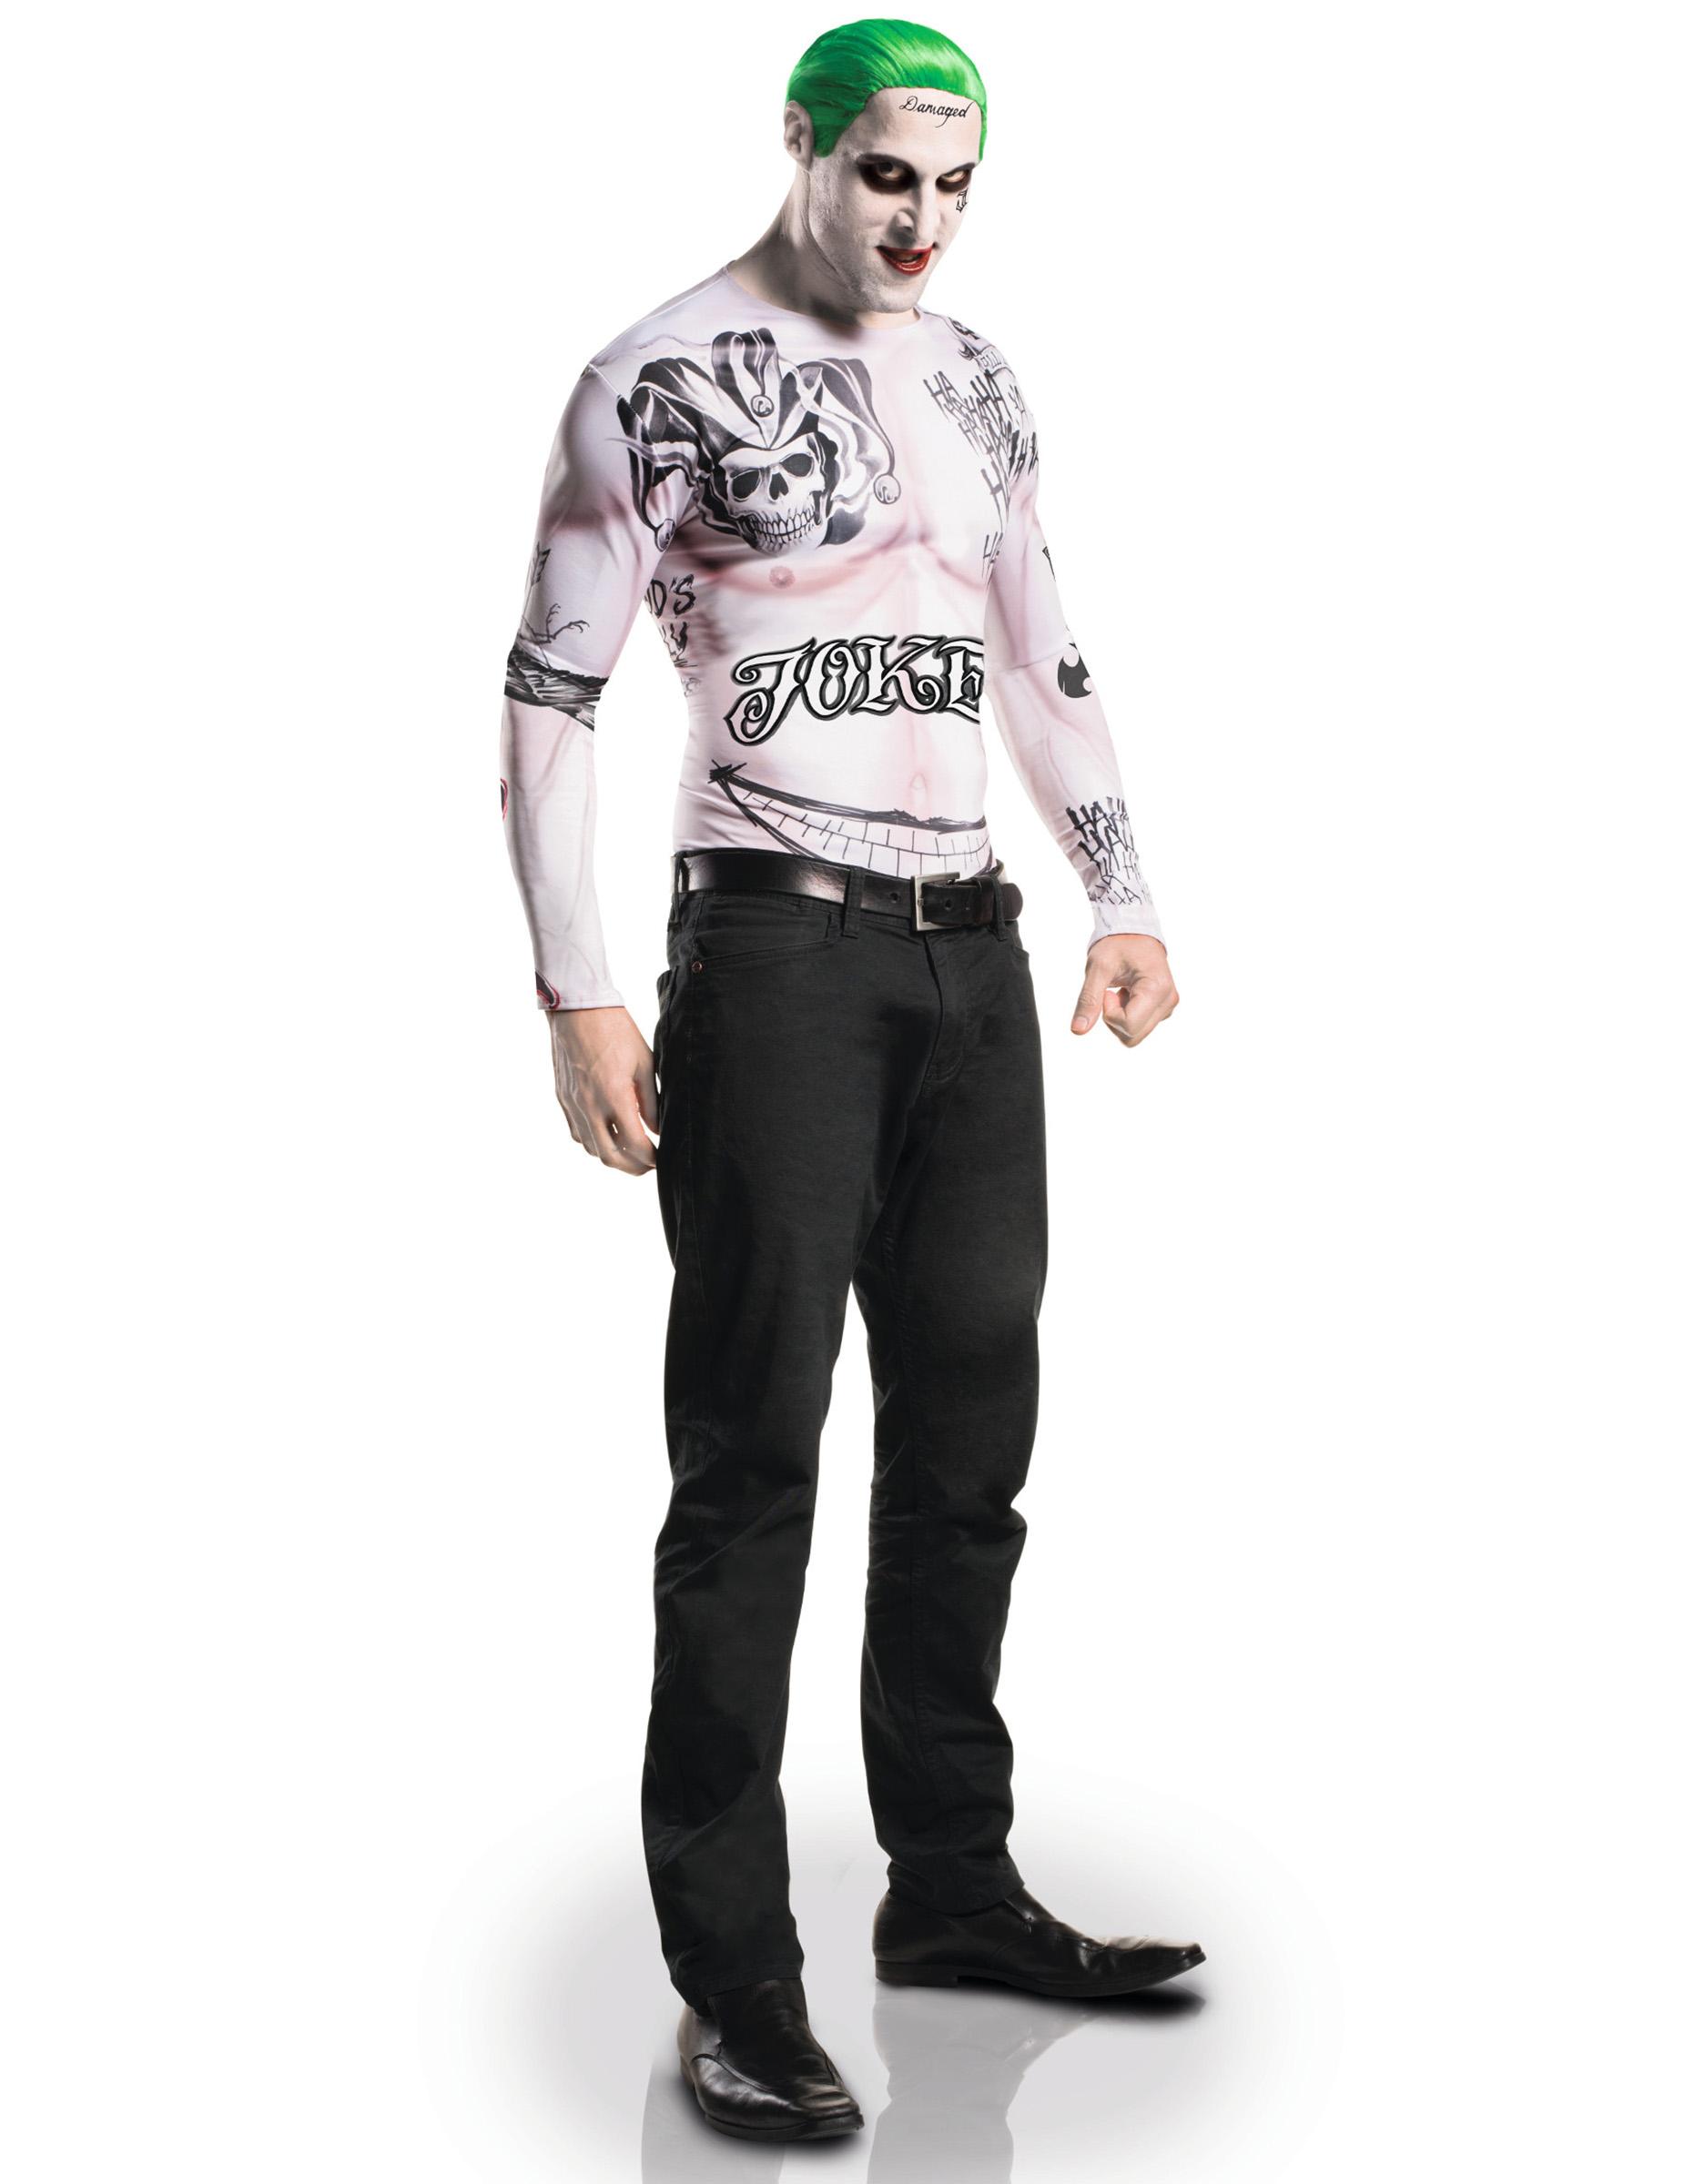 Suicide Squad™ Joker kostuum en schmink voor volwassenen